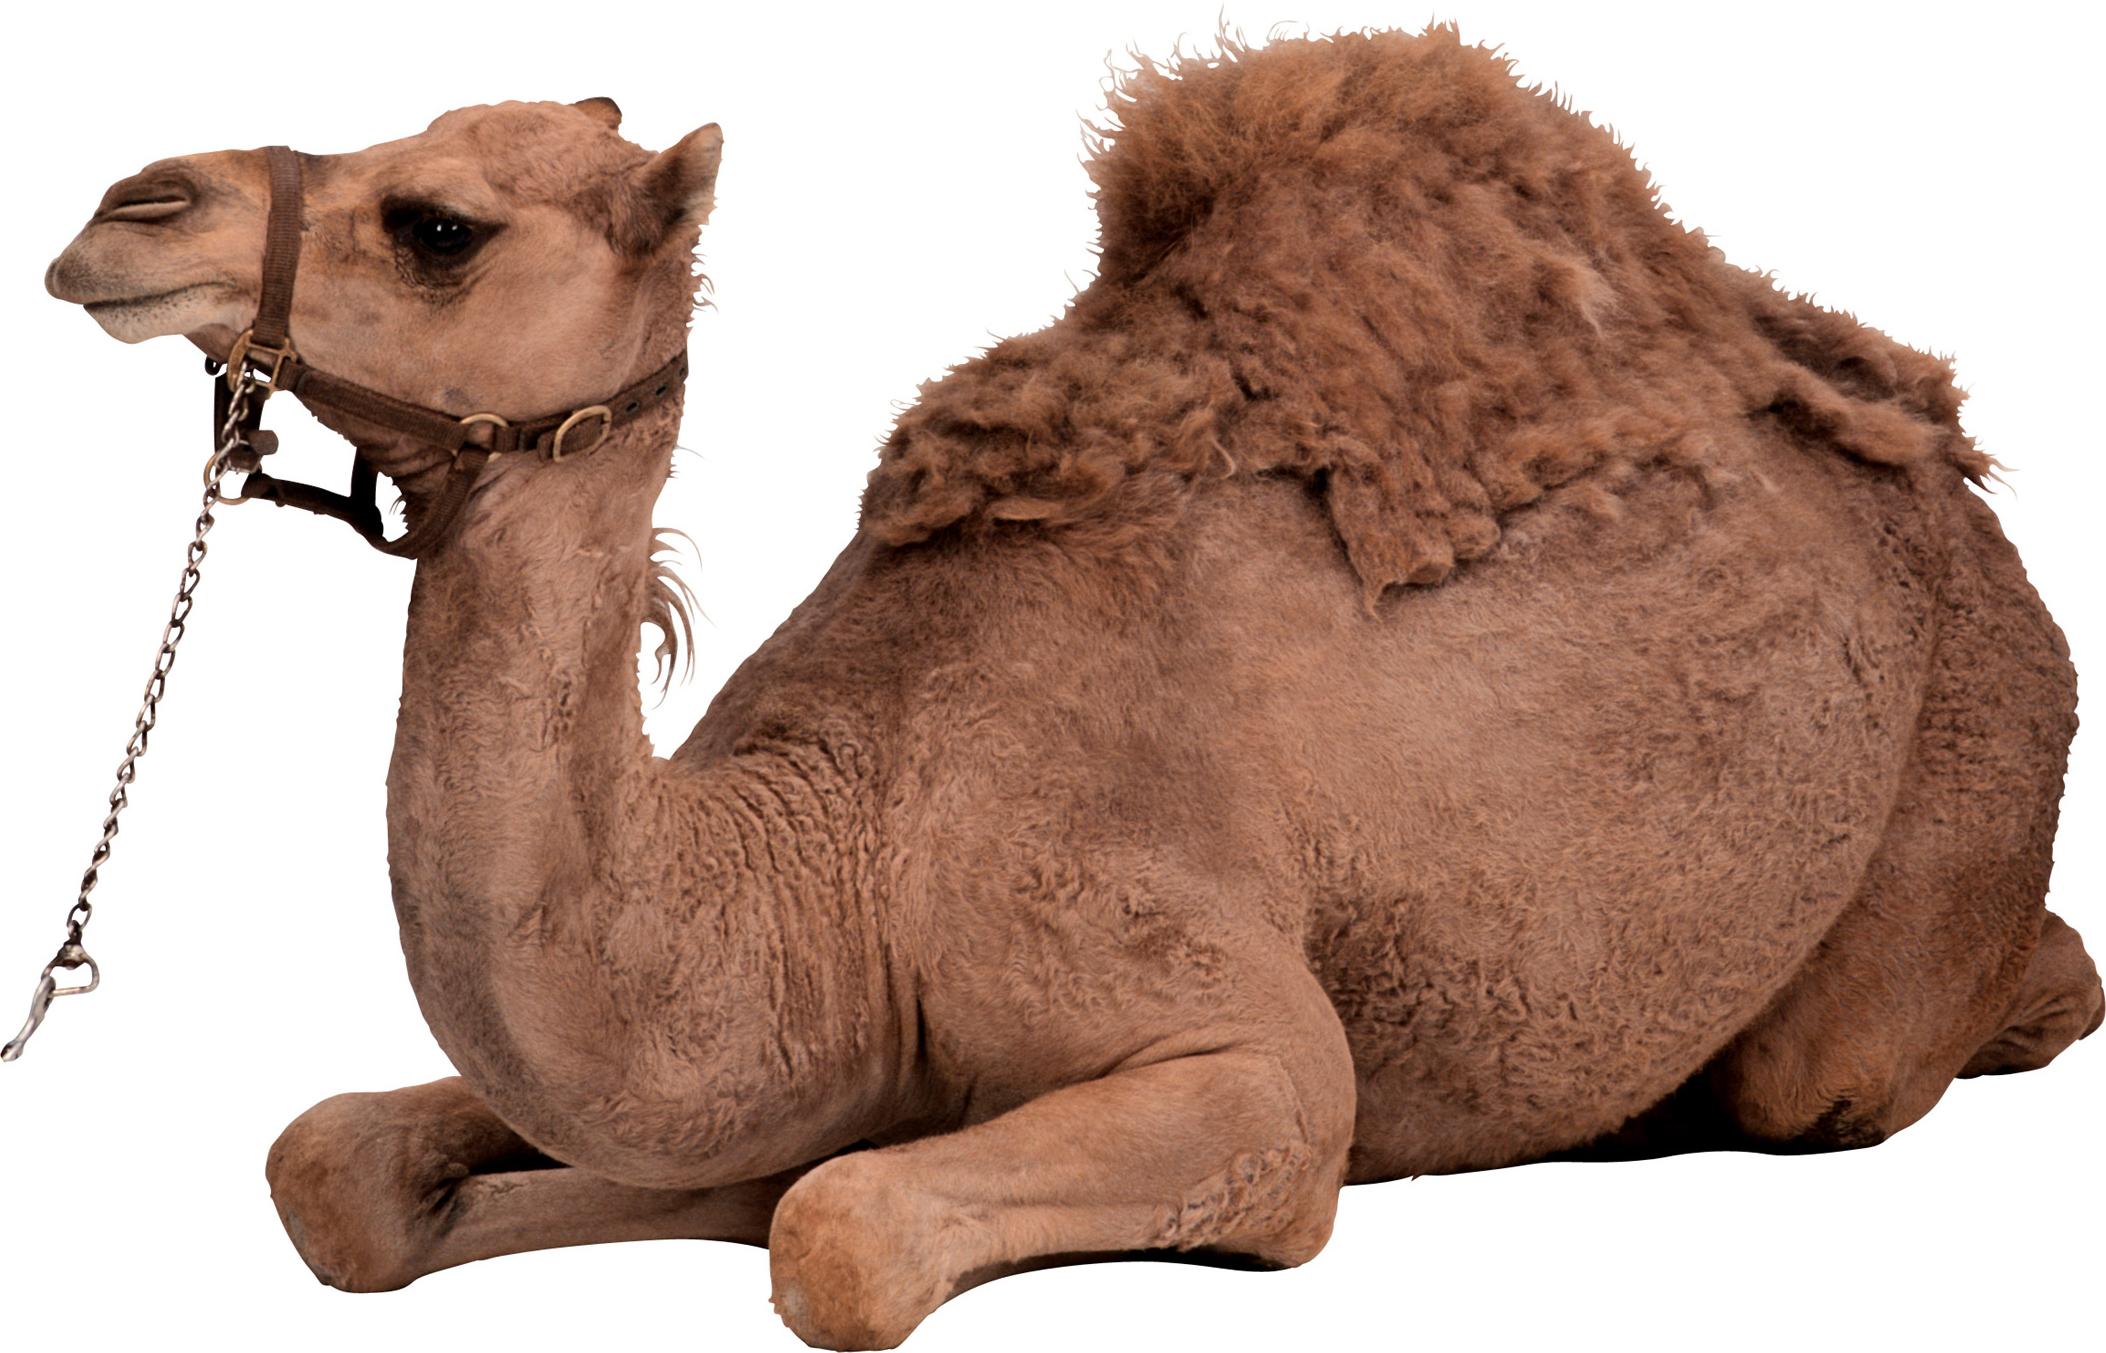 Camel Png image #37108